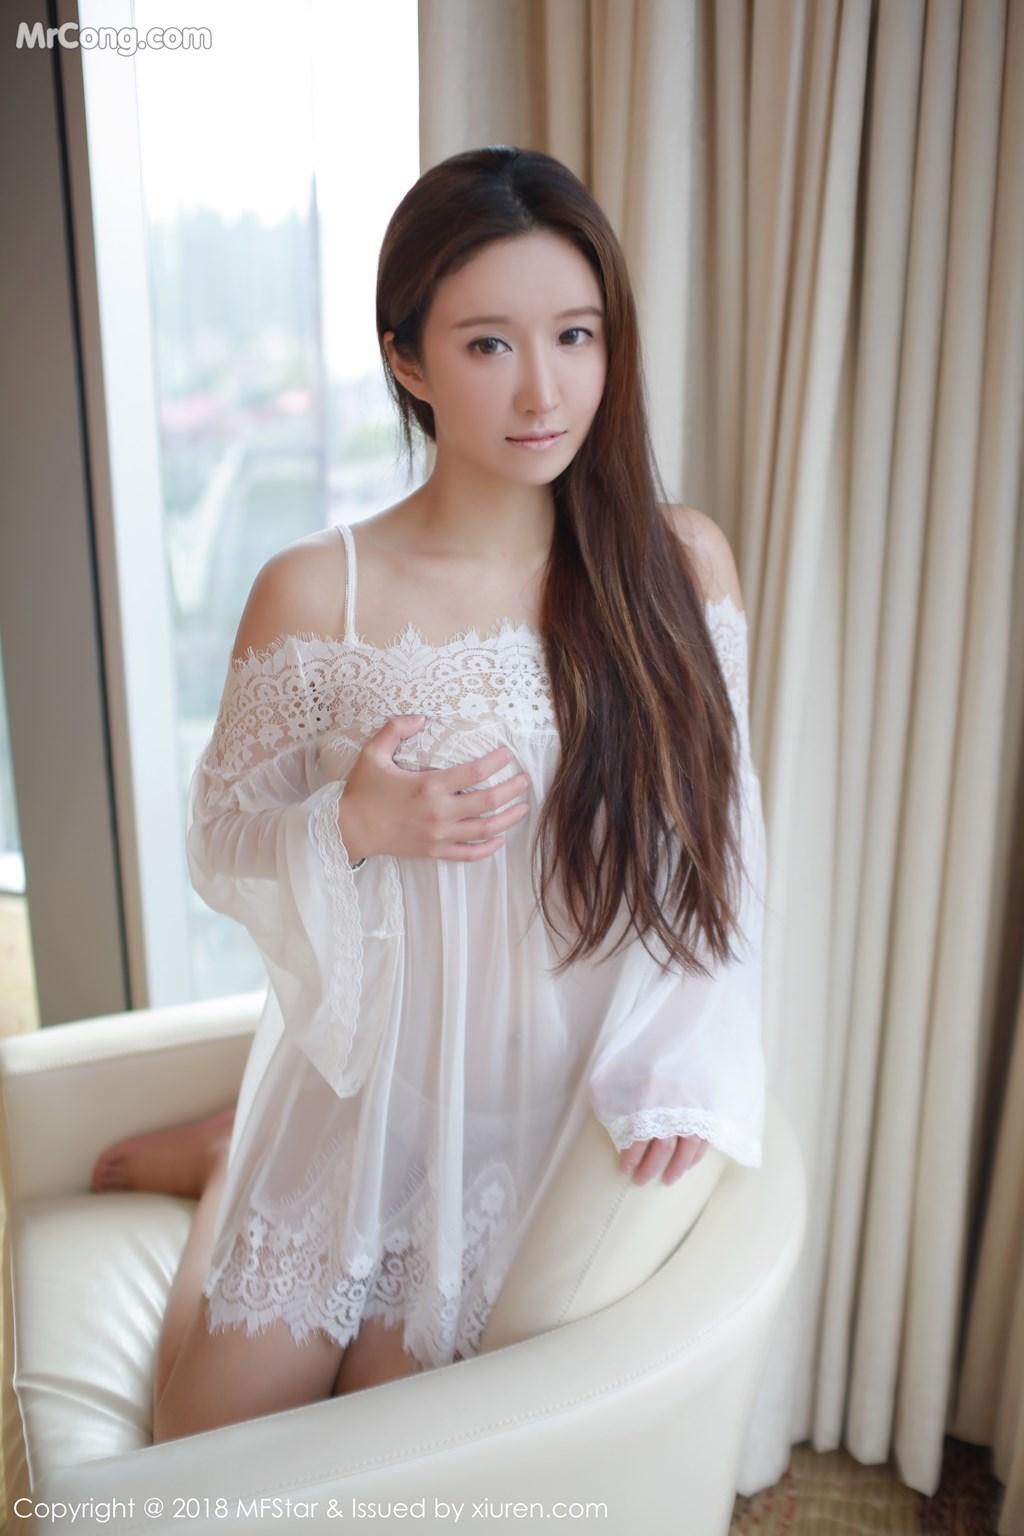 Image MFStar-Vol.166-Jennanni-Jen-MrCong.com-003 in post MFStar Vol.166: Người mẫu Jennanni_Jen (34 ảnh)